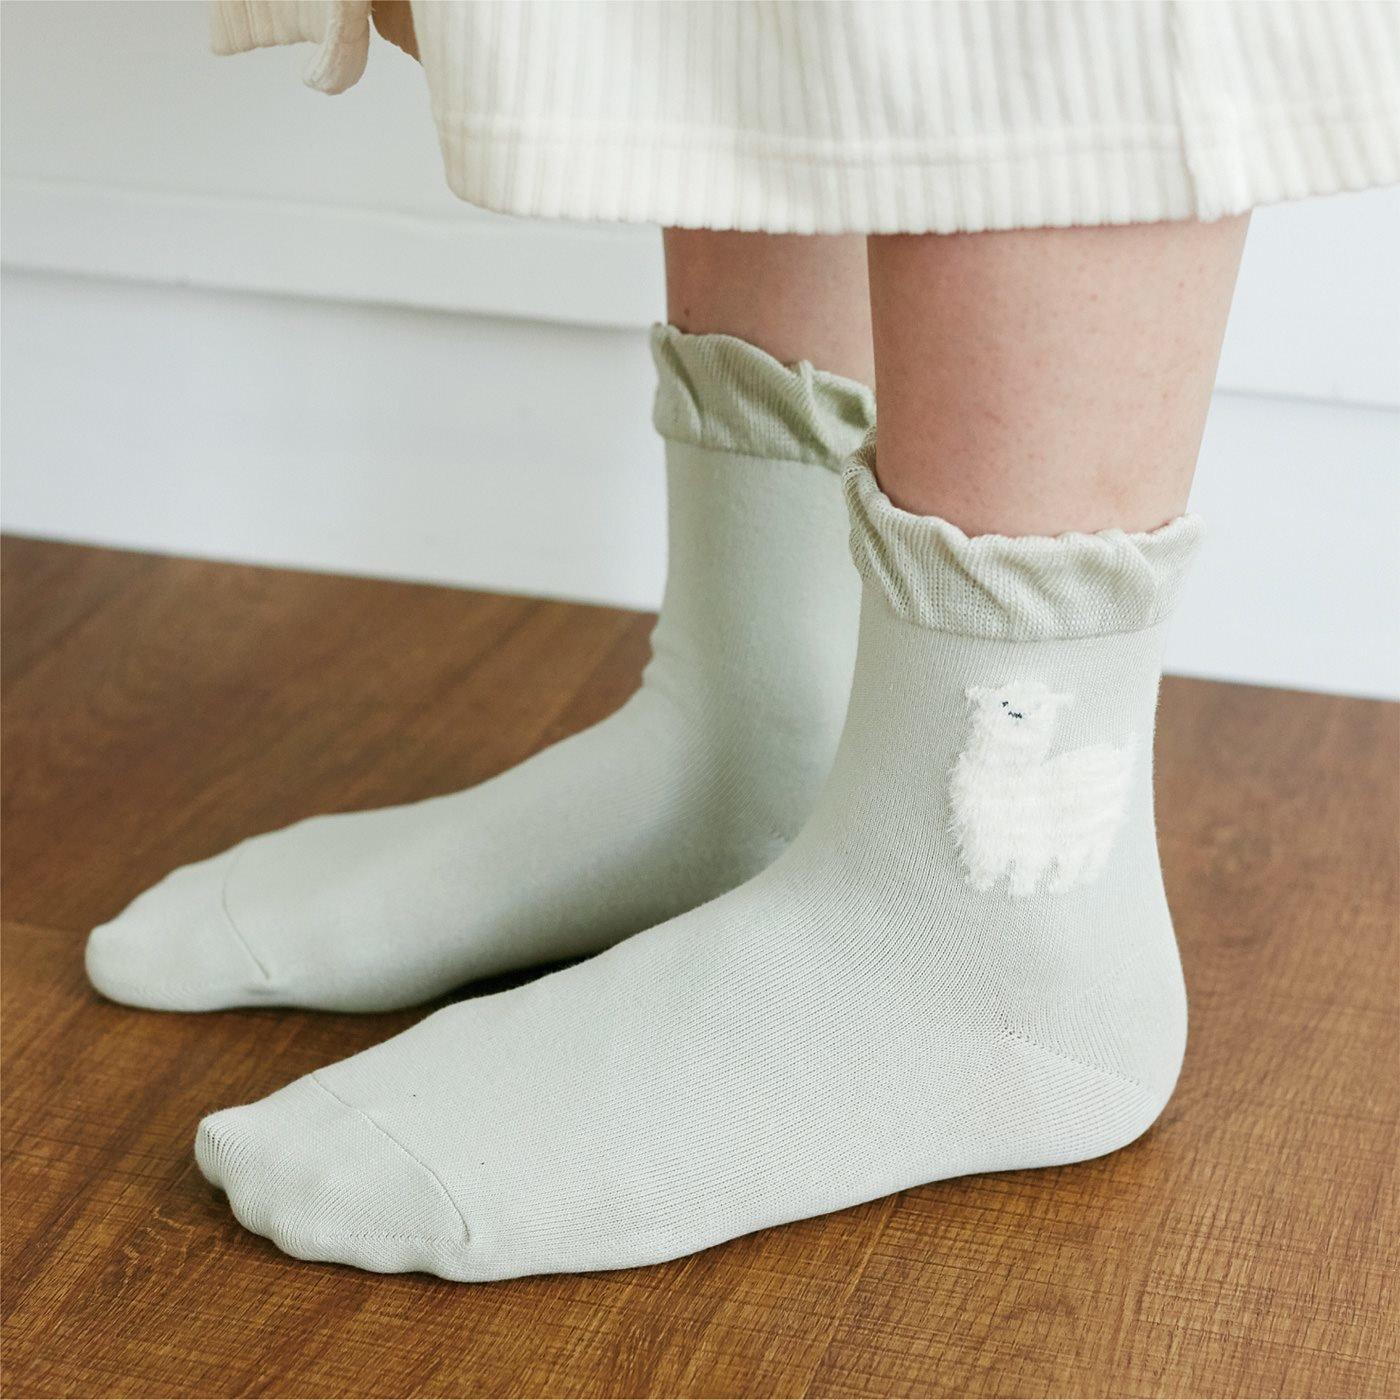 眠りにいざなう滑らかコットン 動物おやすみ靴下〈ひつじ〉